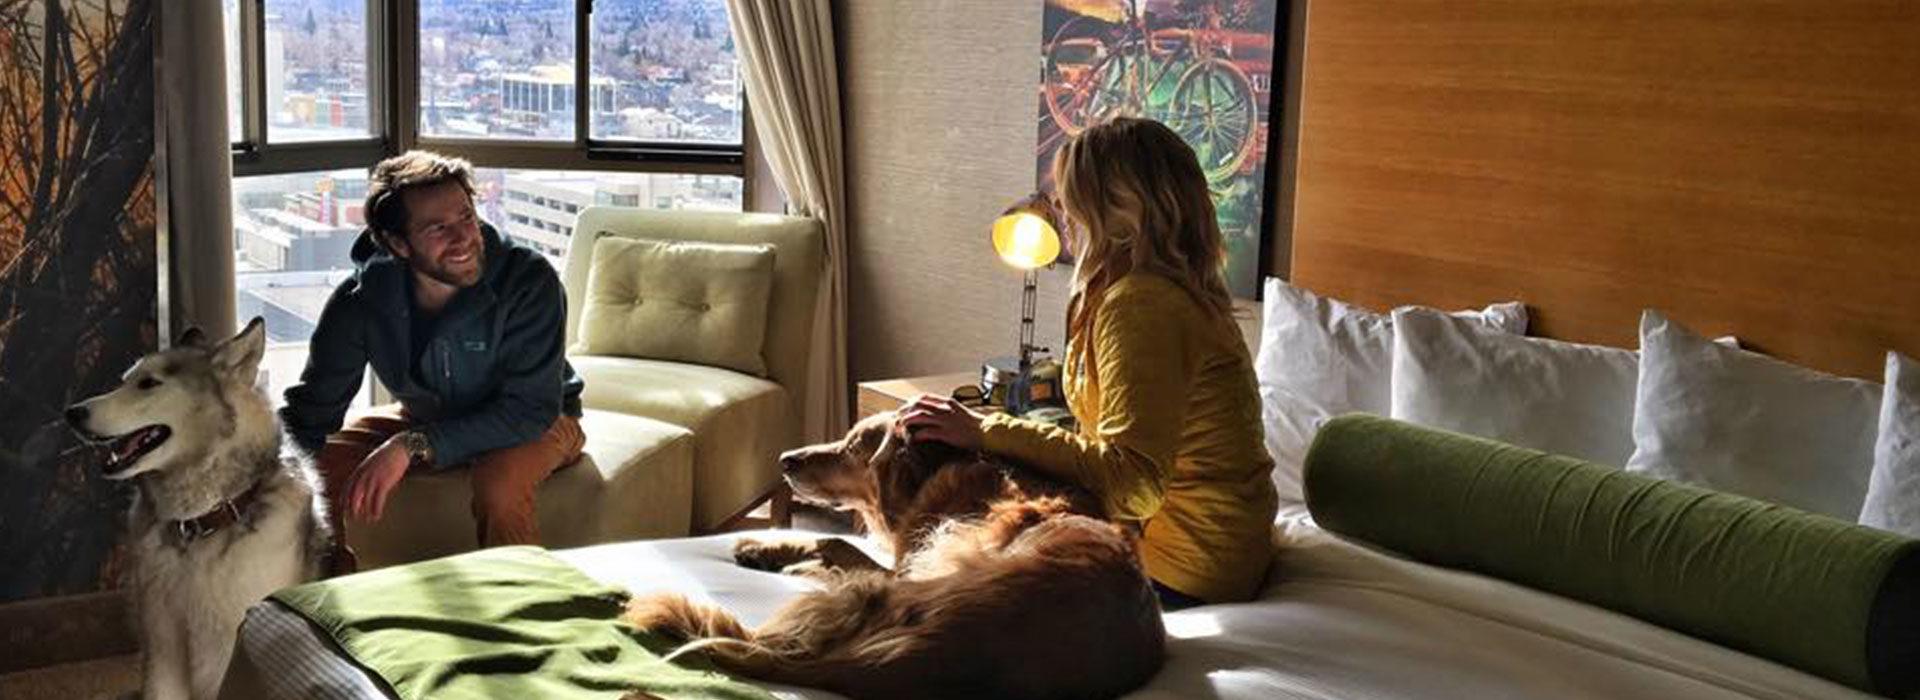 Pet Friendly Hotels in Reno, Pet Friendly Hotels Lake Tahoe